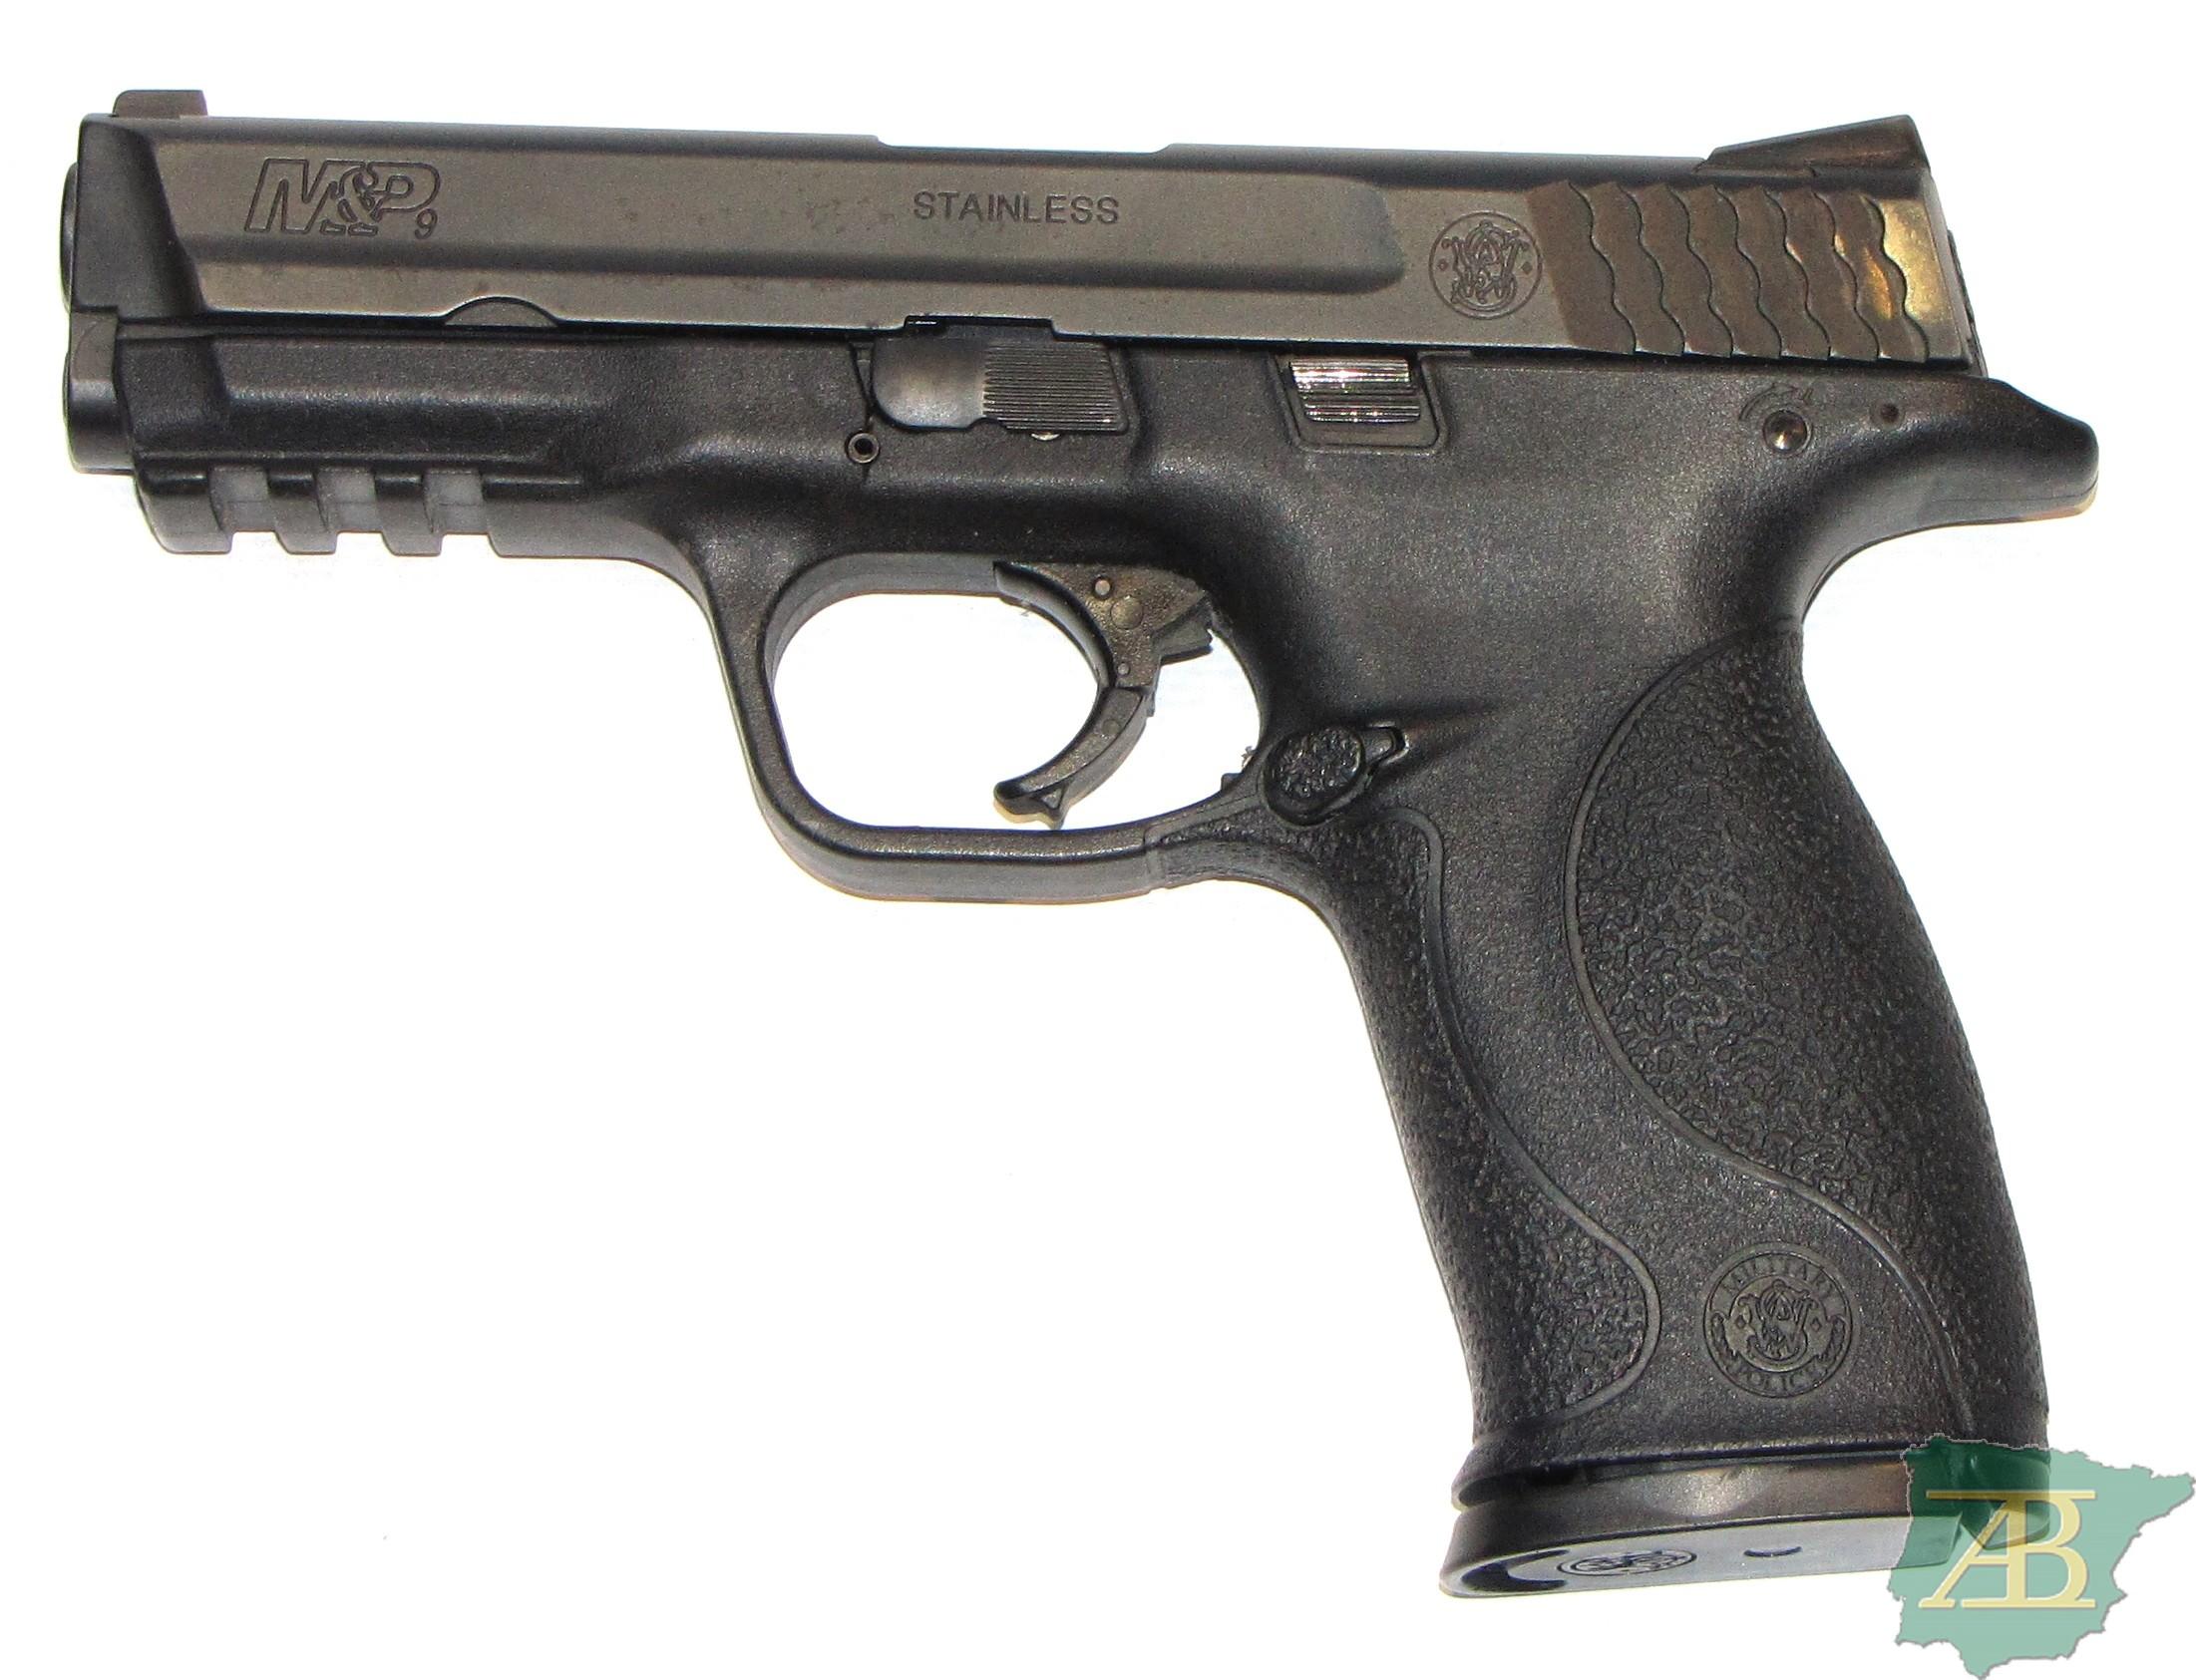 Pistola SMITH & WESSON MP9 Ref 5547-armeriaiberica-2